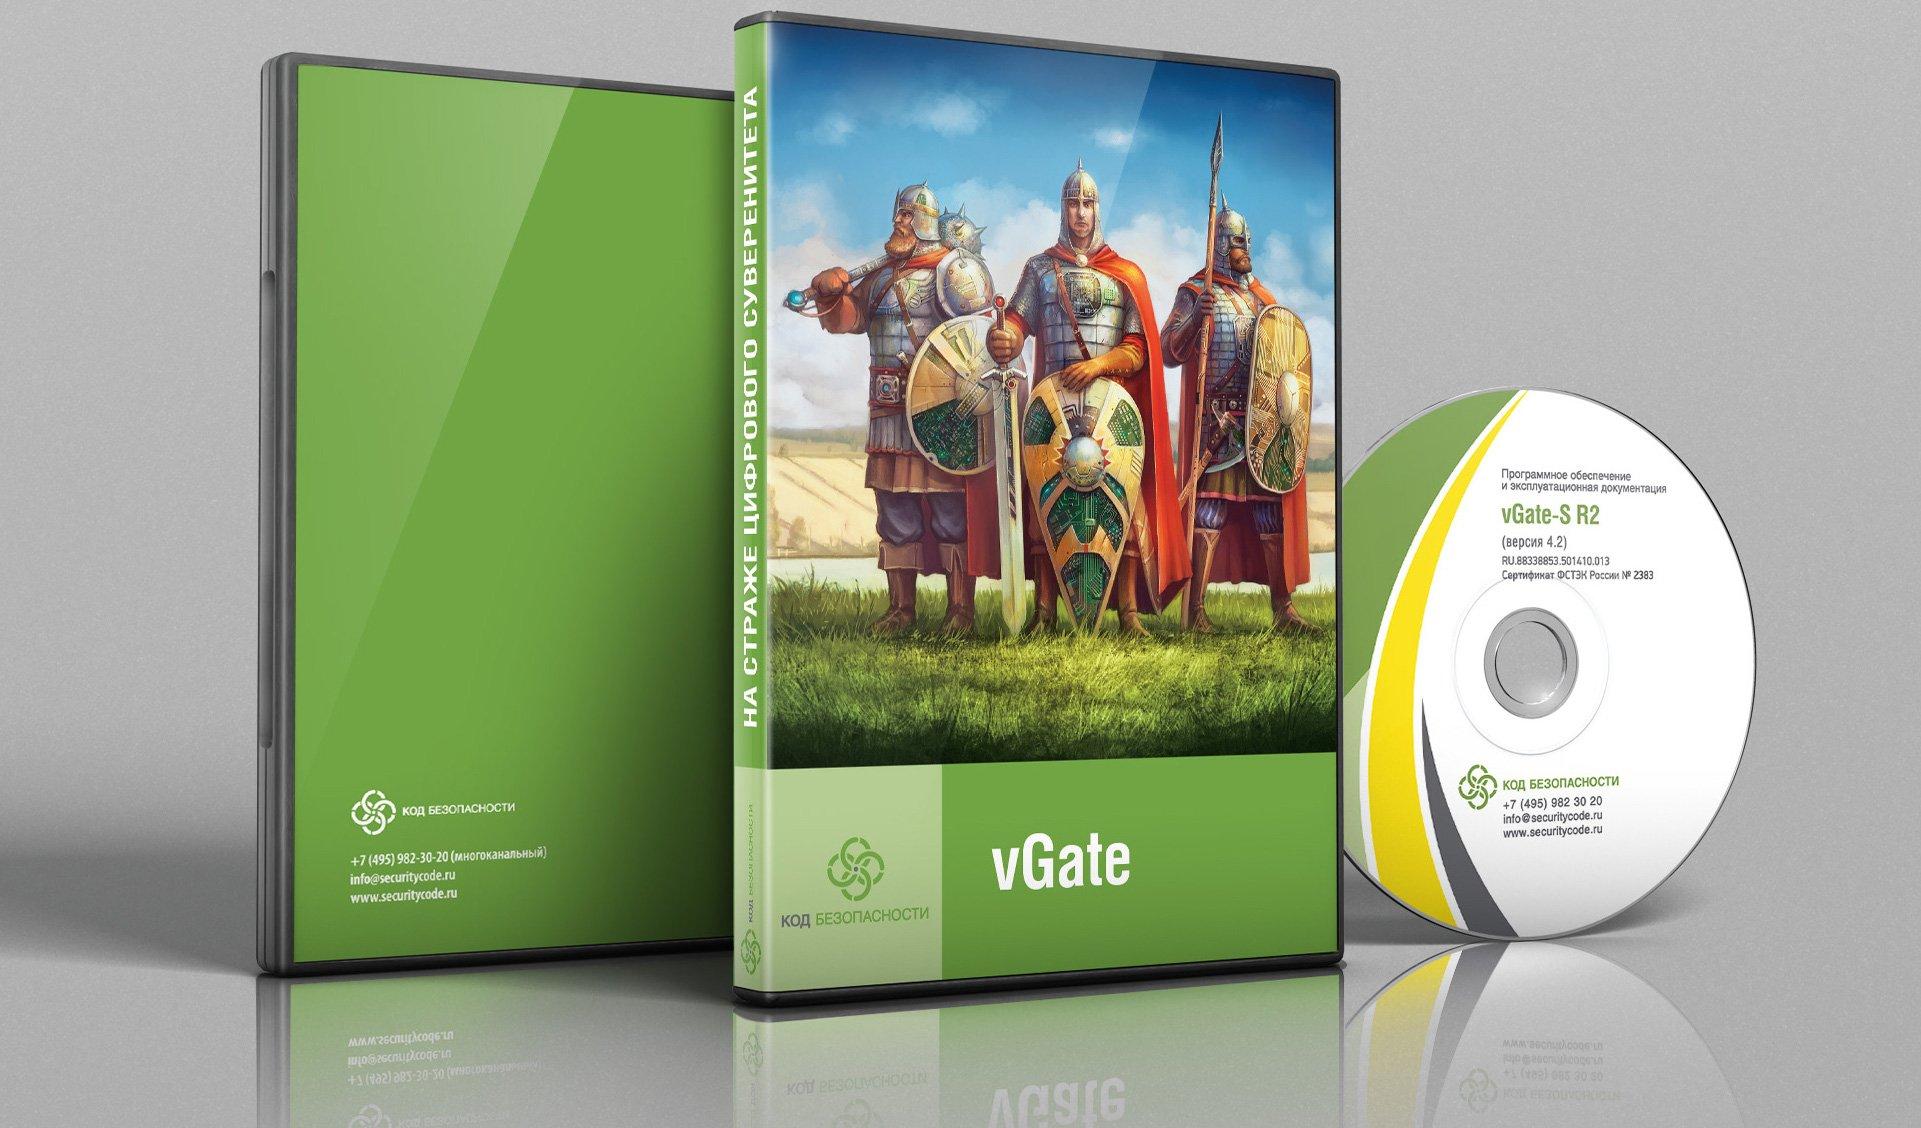 DVD-vGate2